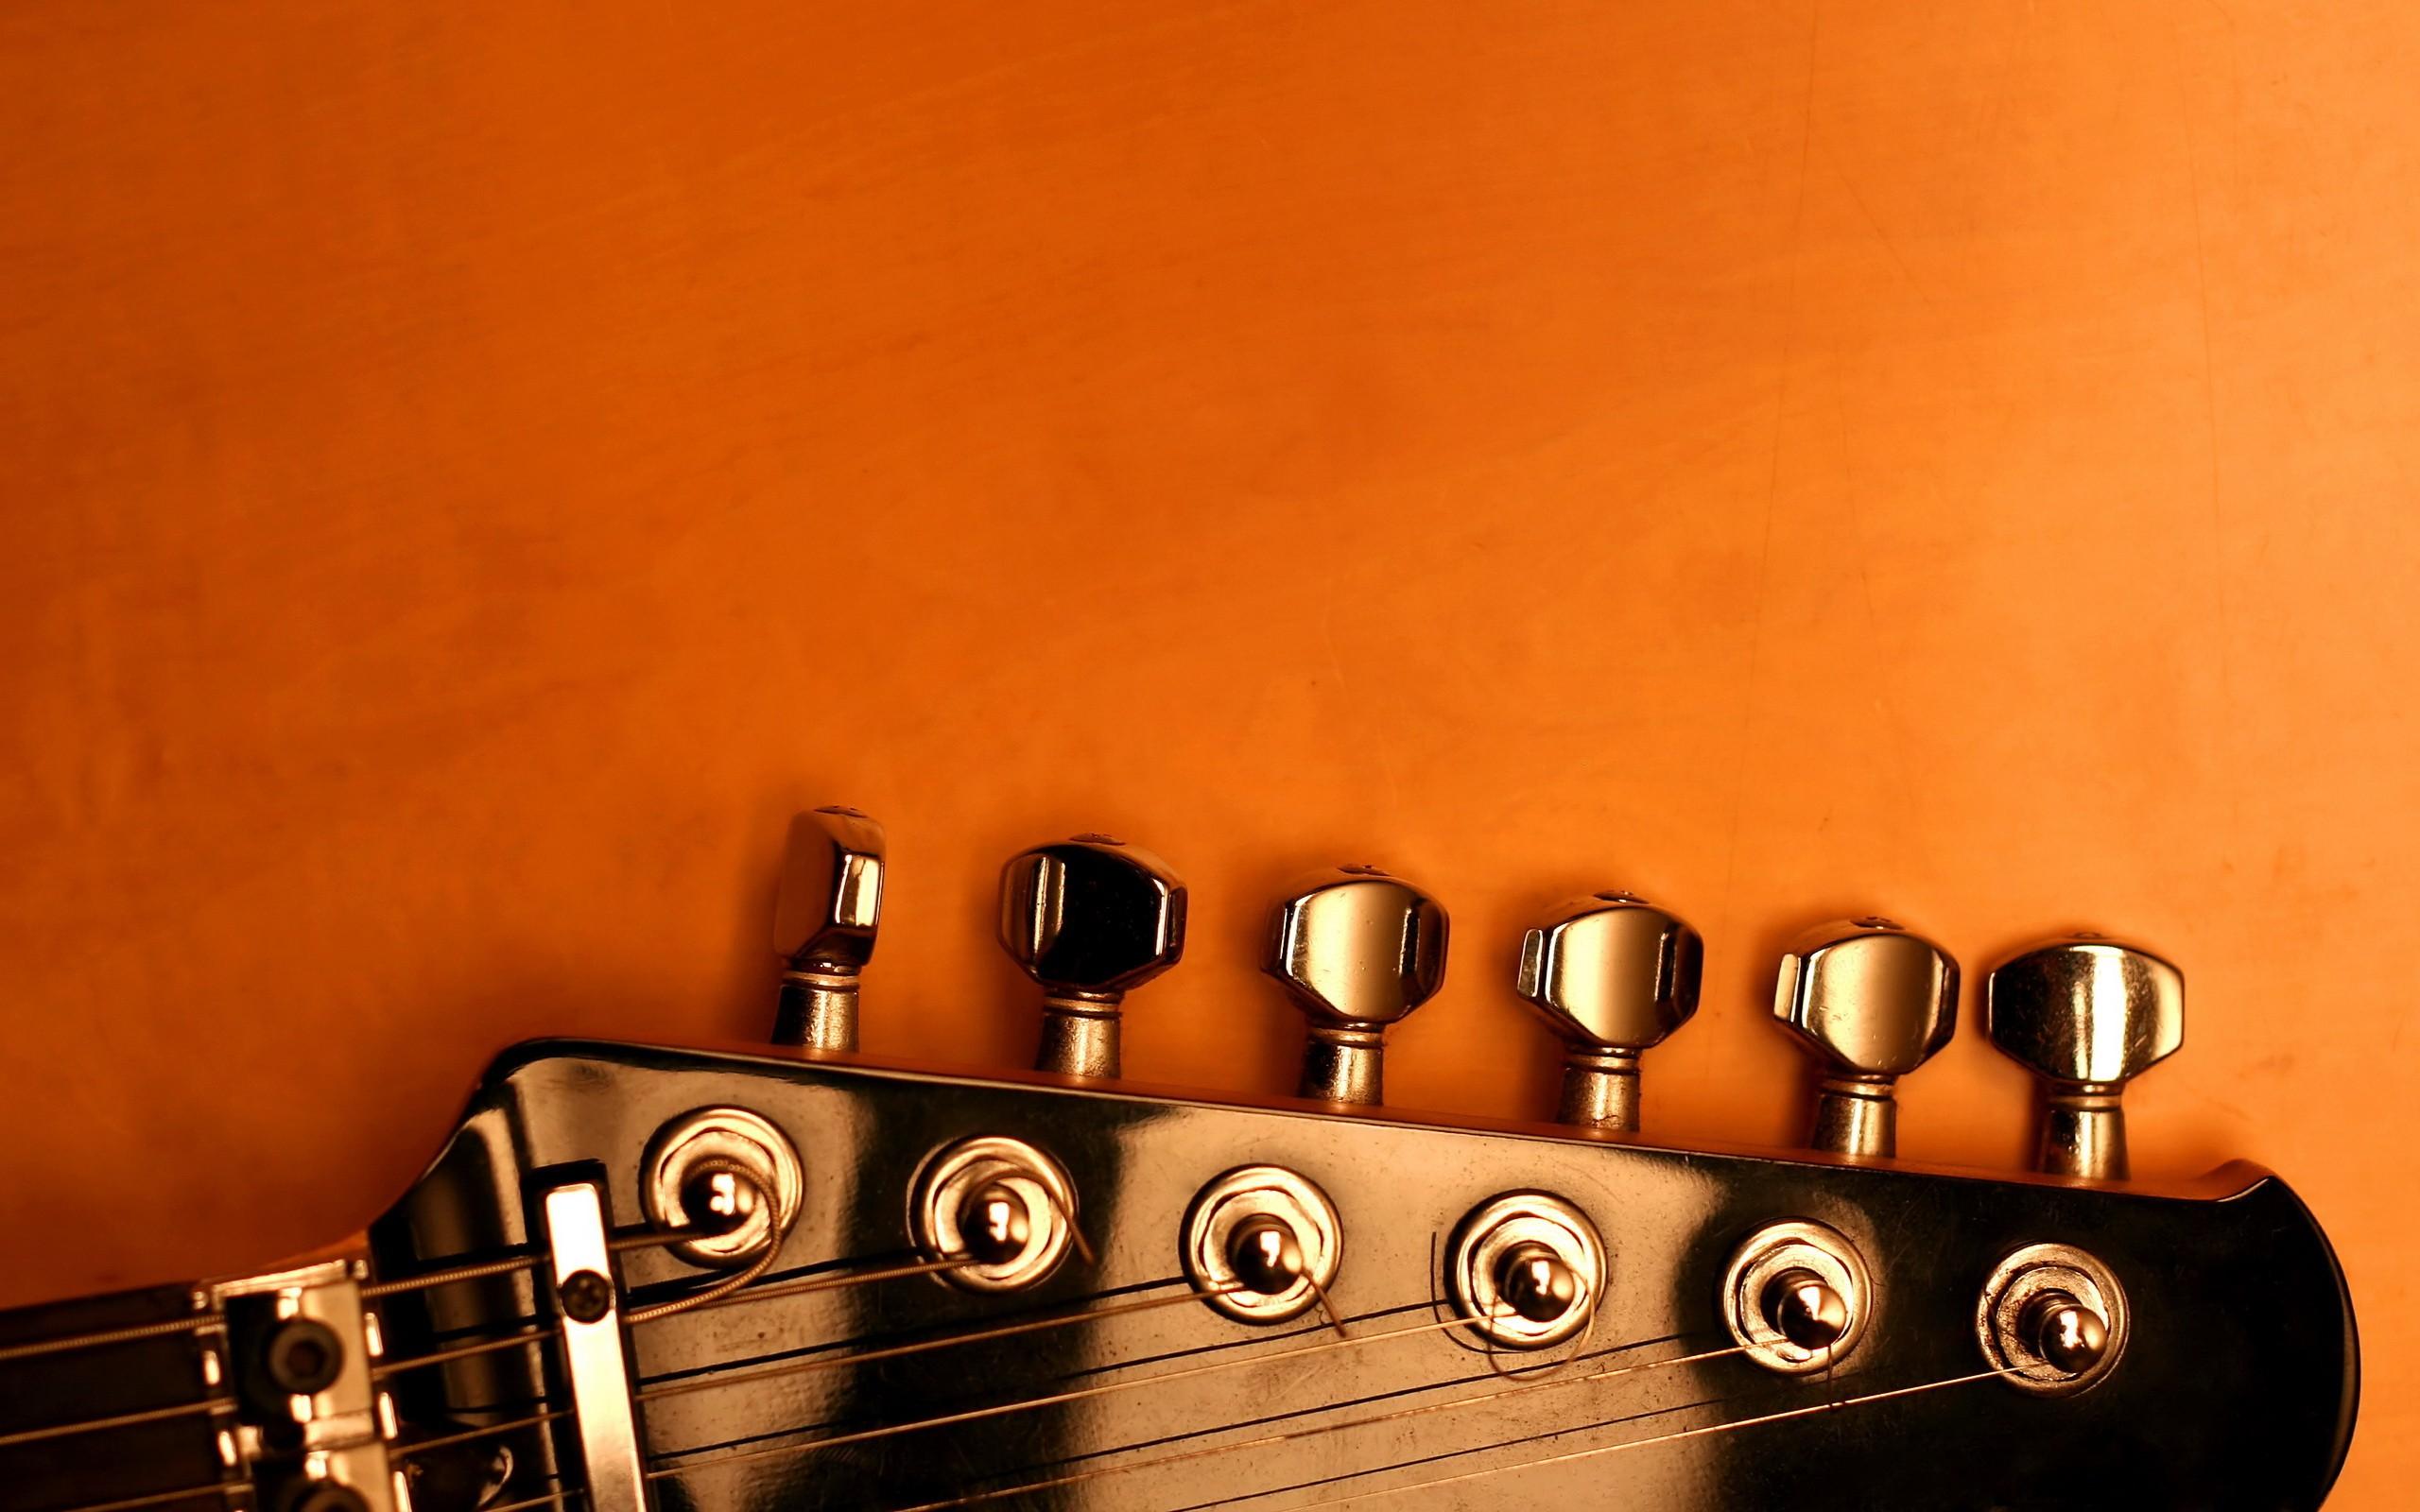 El clavijero de la guitarra - 2560x1600